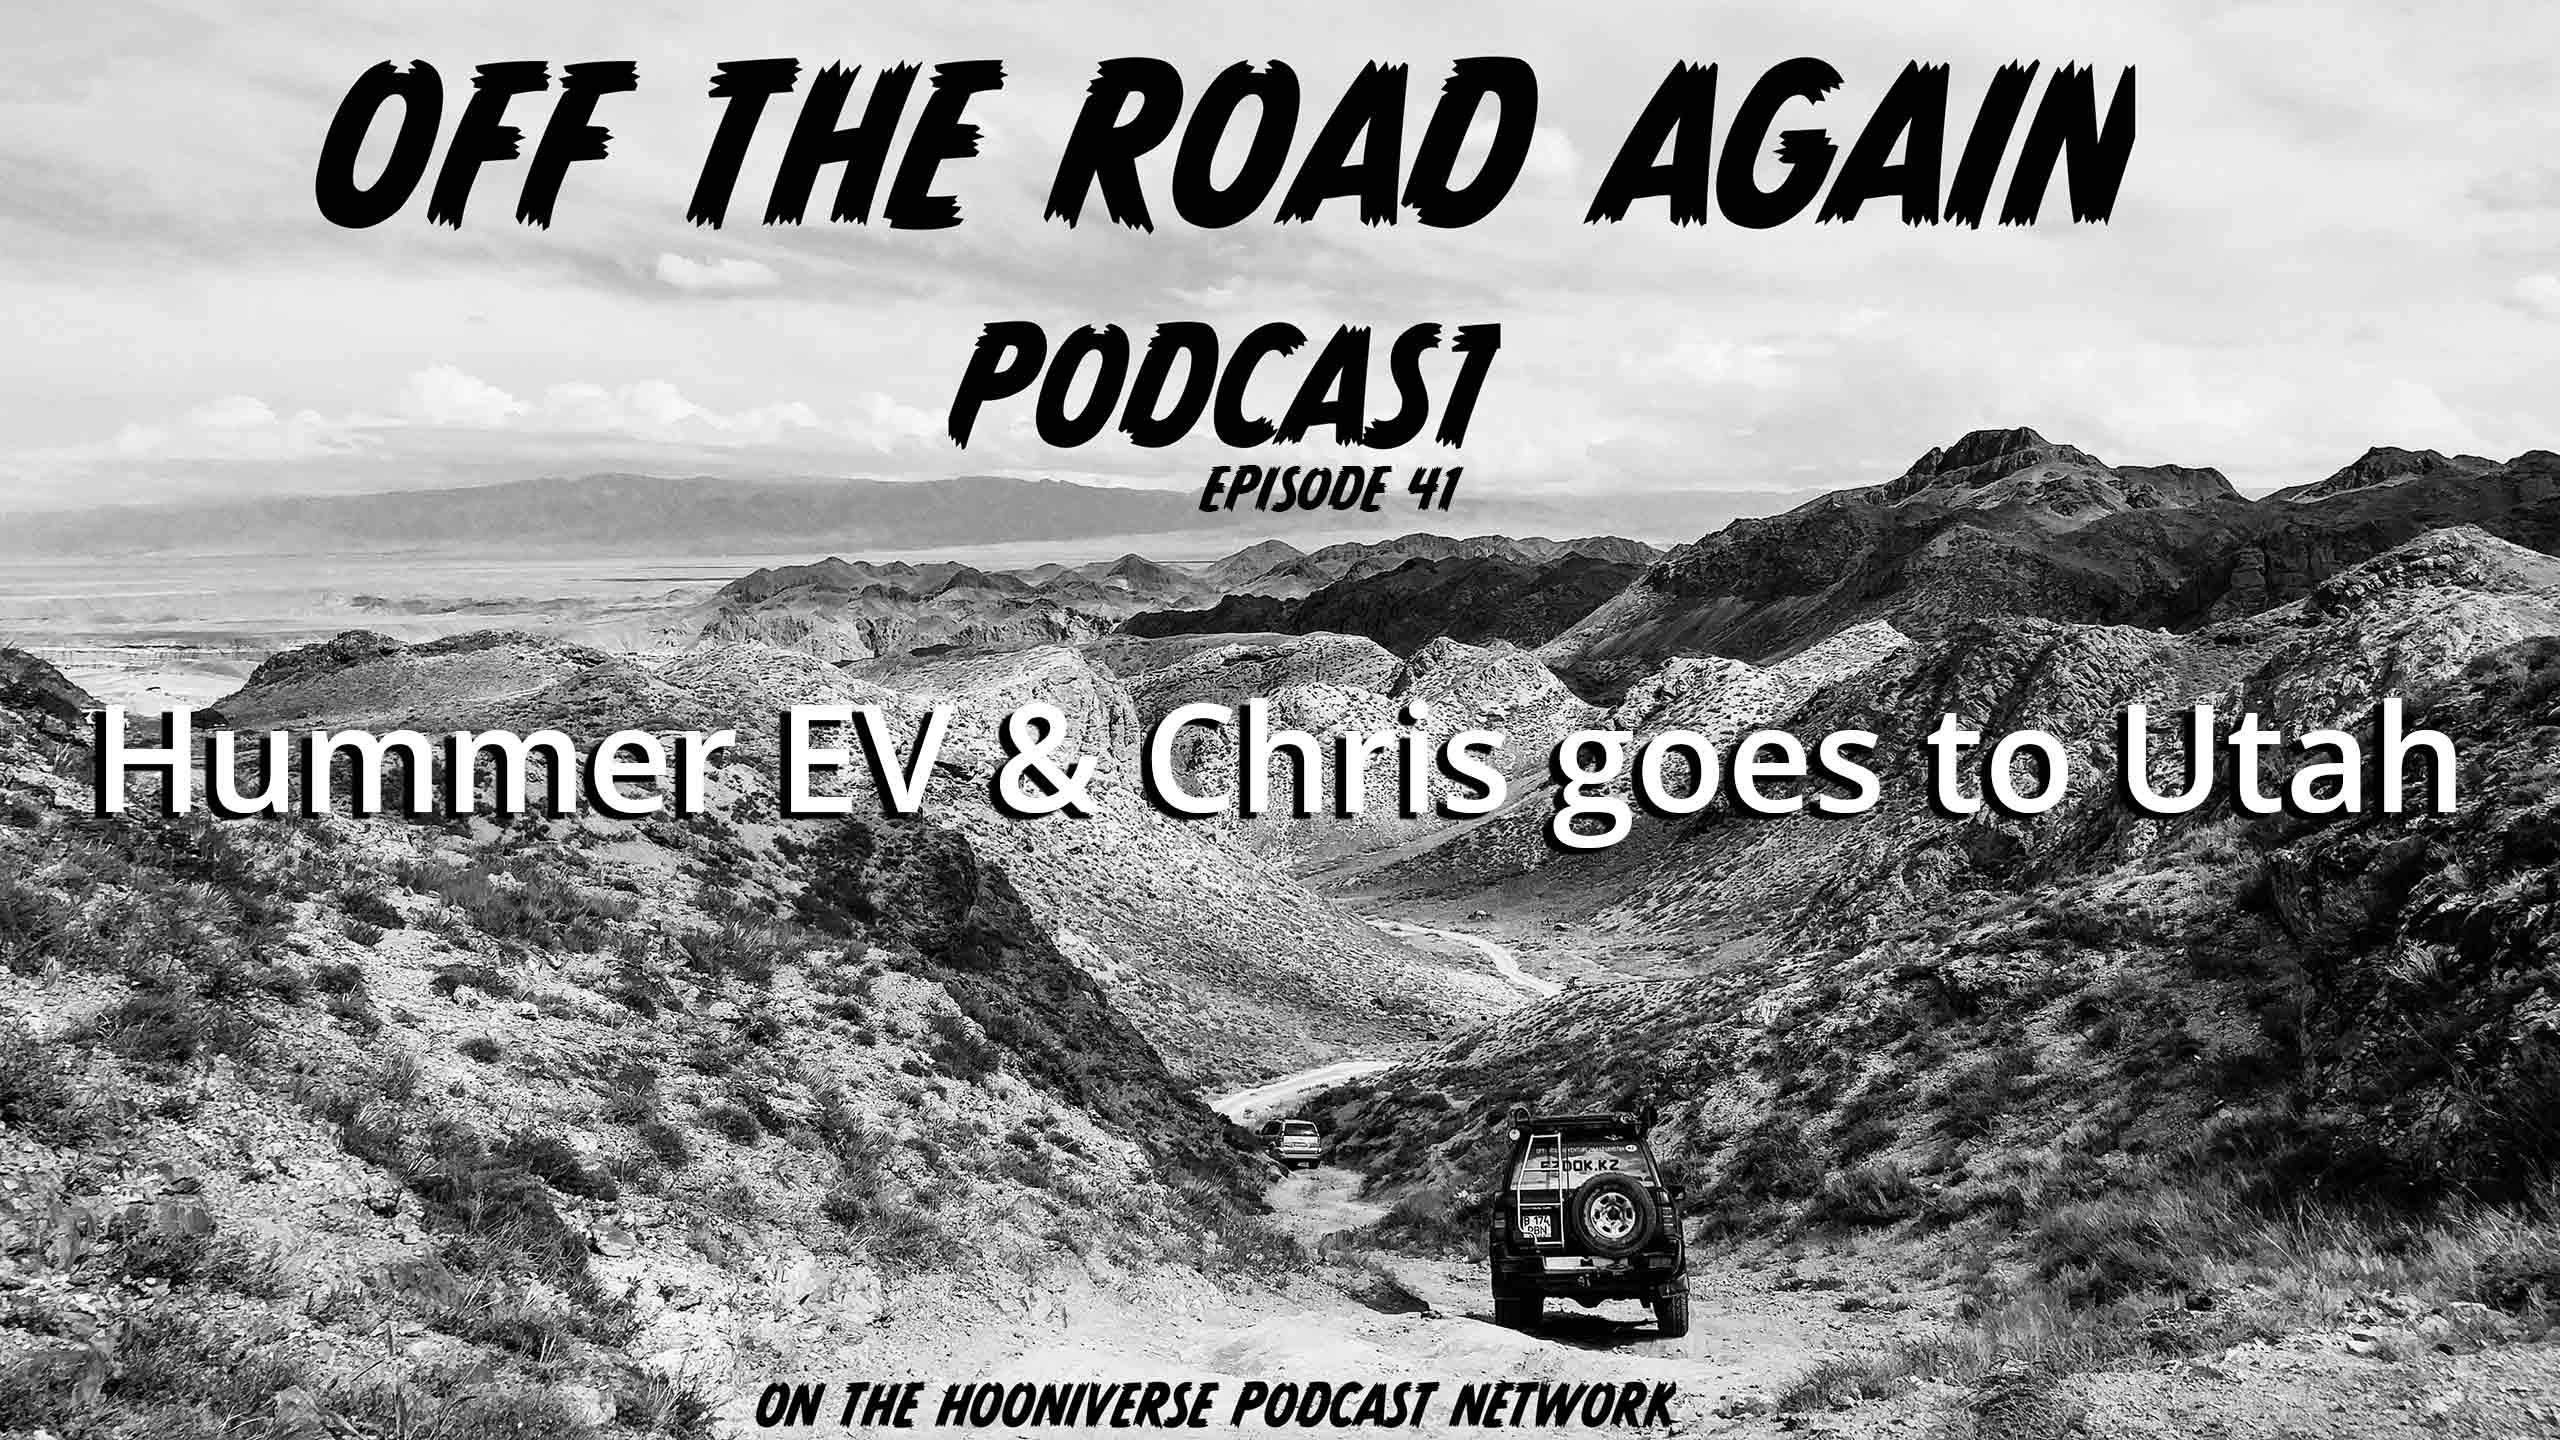 Hummer-EV-Utah--Trip-Off-The-Road-Again-Podcast-Episode-41